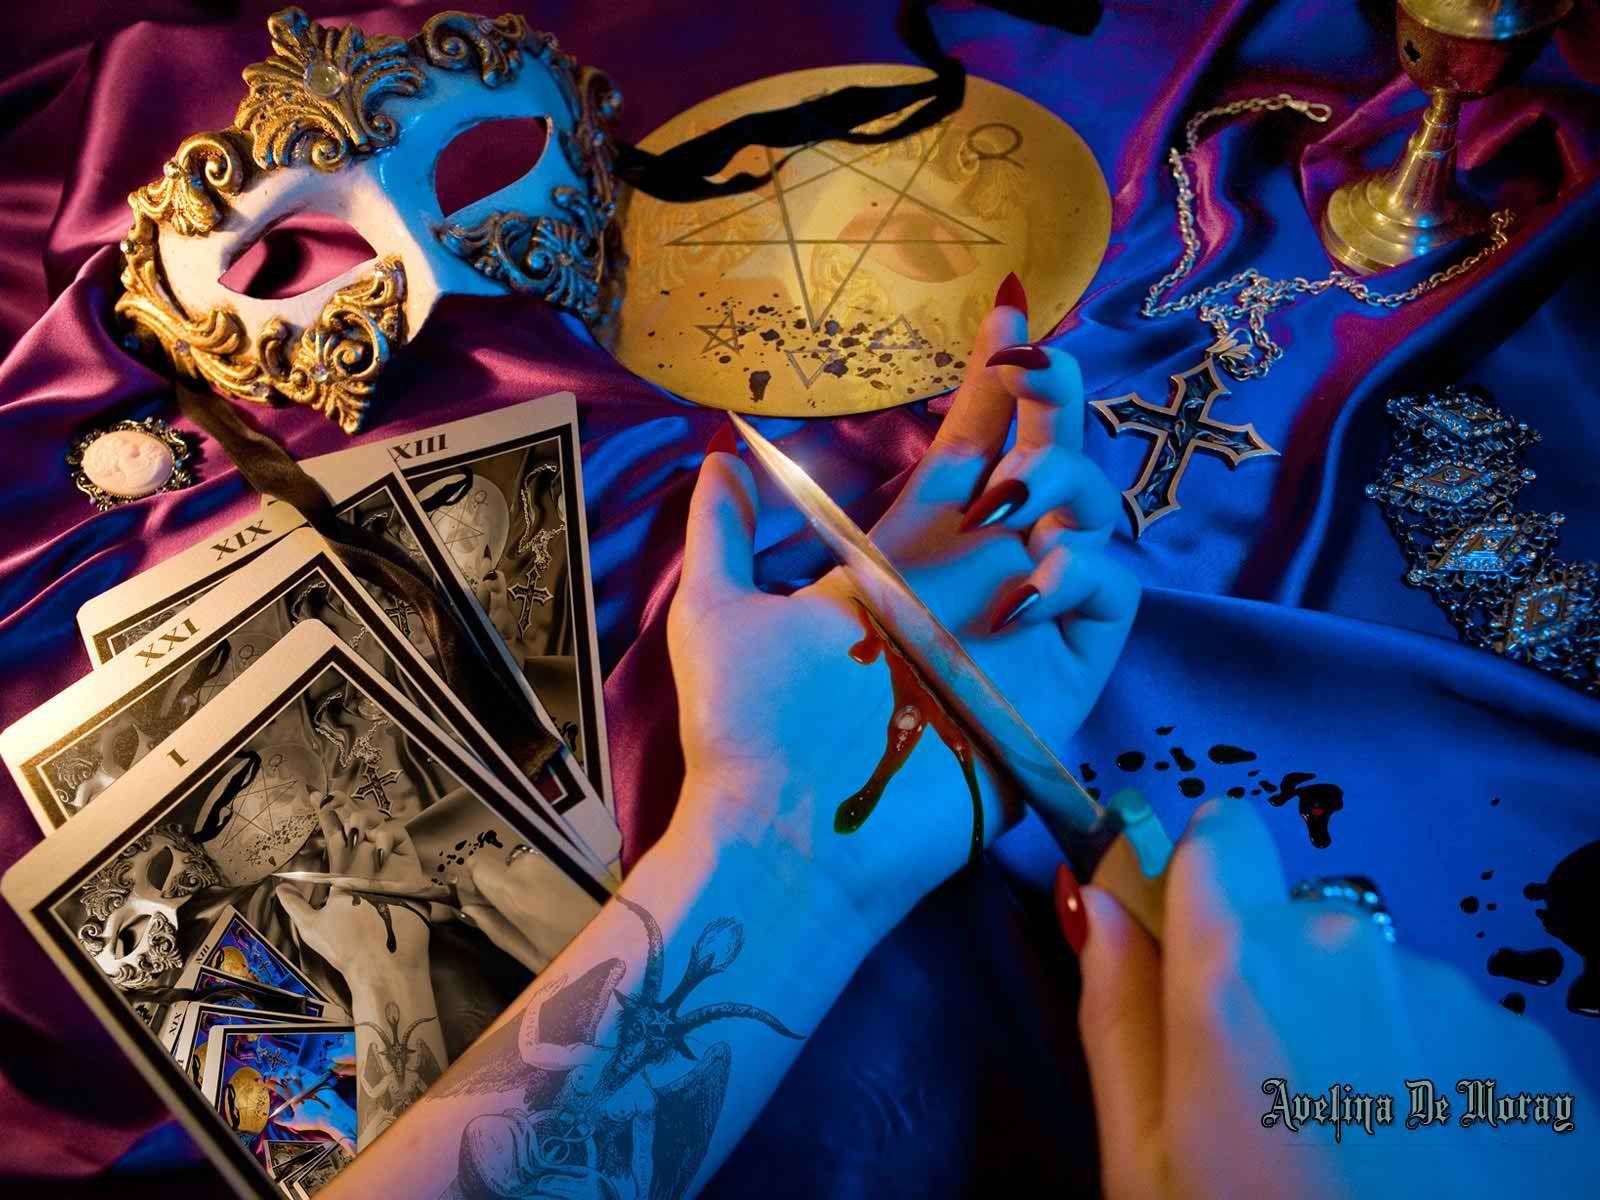 Tarot Hd Wallpapers Art Hd Wallpapers Vampire Art Hd Wallpaper Art